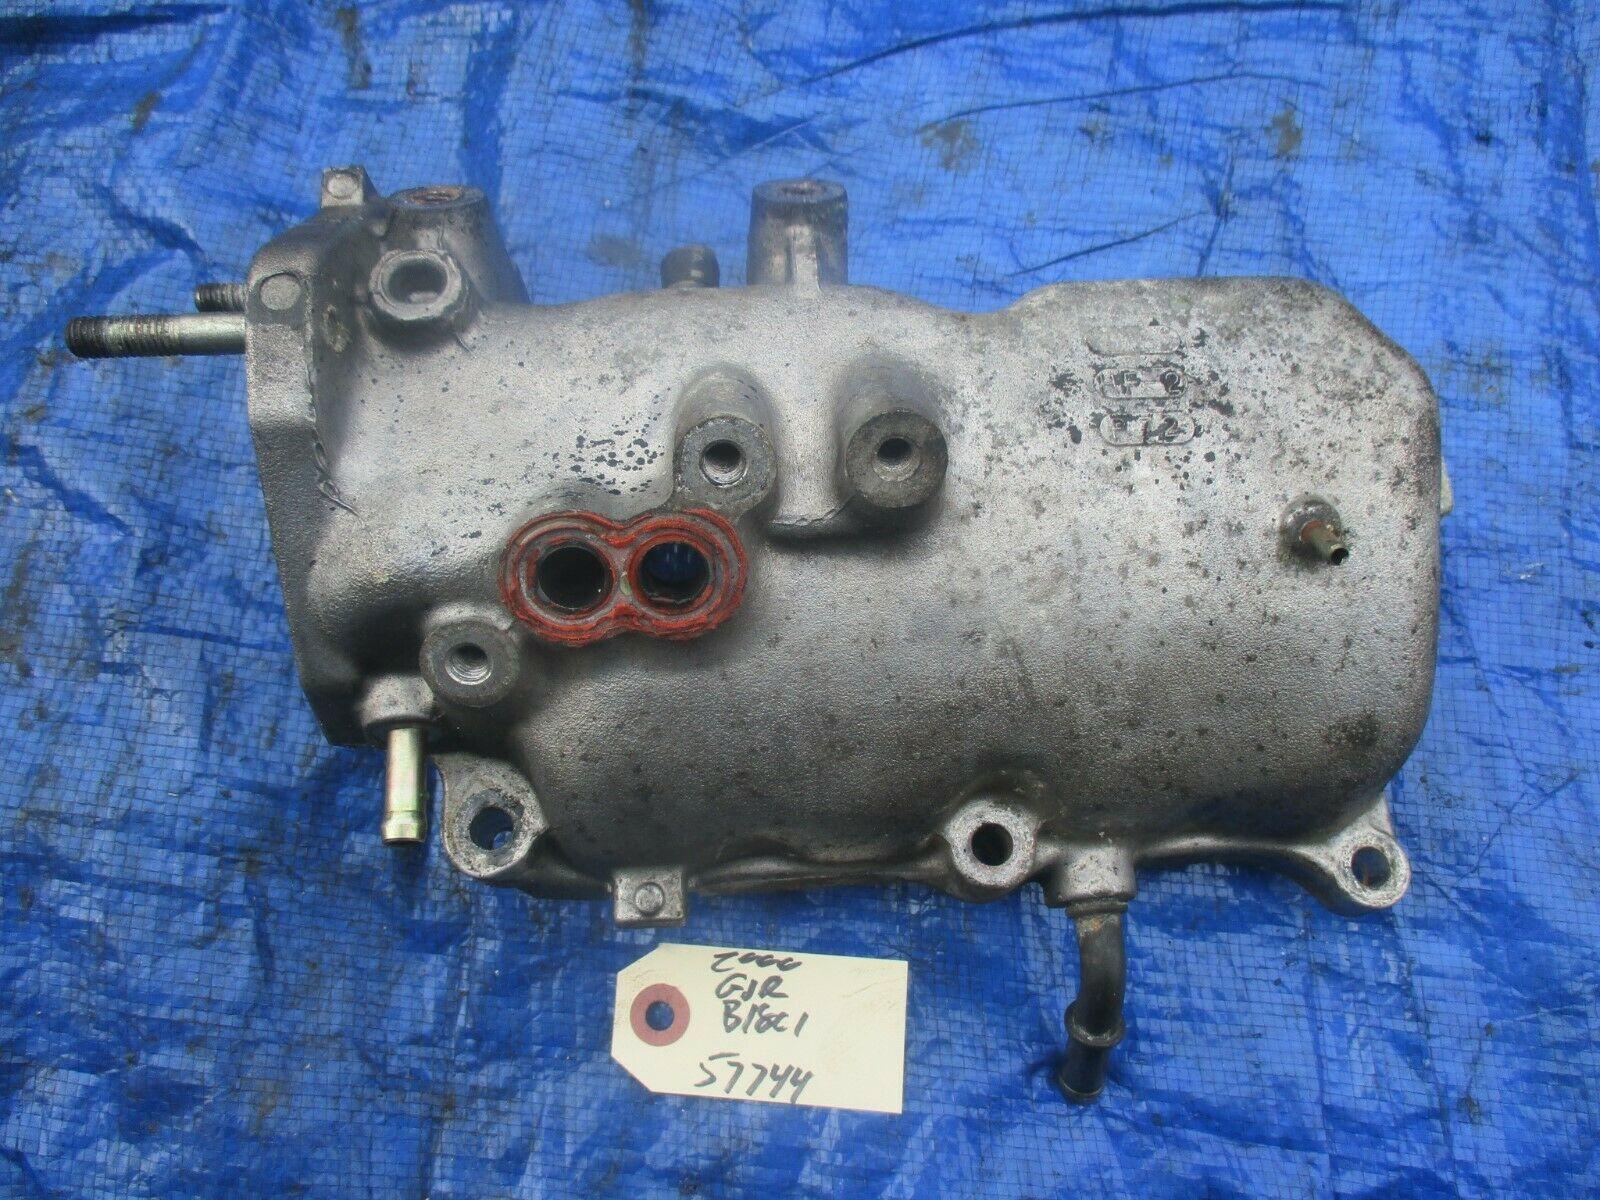 96 01 Acura Integra Gsr Upper Intake And 36 Similar Items